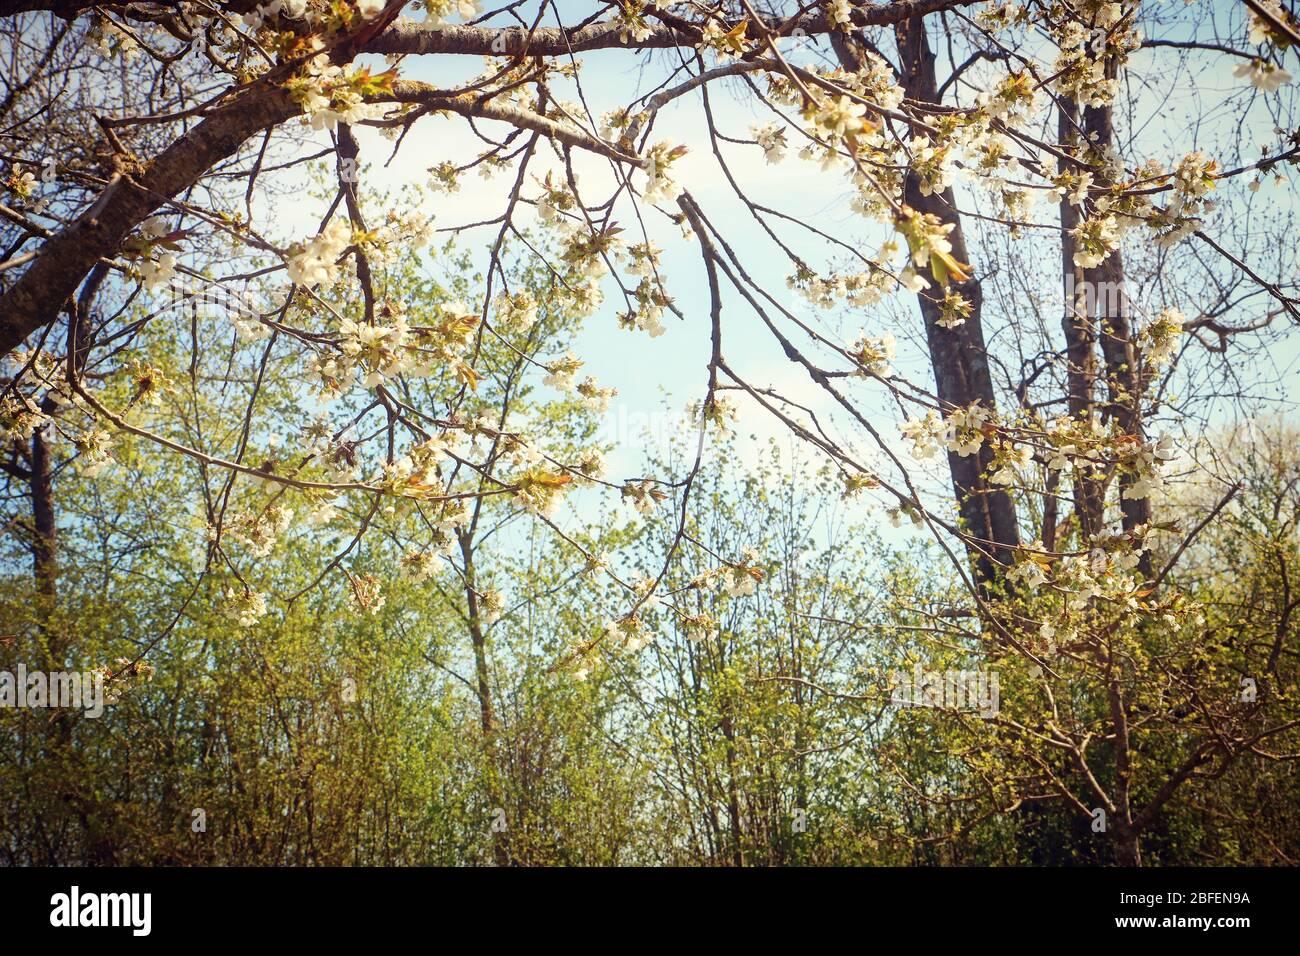 Printemps au Bayern, branches de pommiers pleines de fleurs blanches dans le verger, point de mire doux Banque D'Images